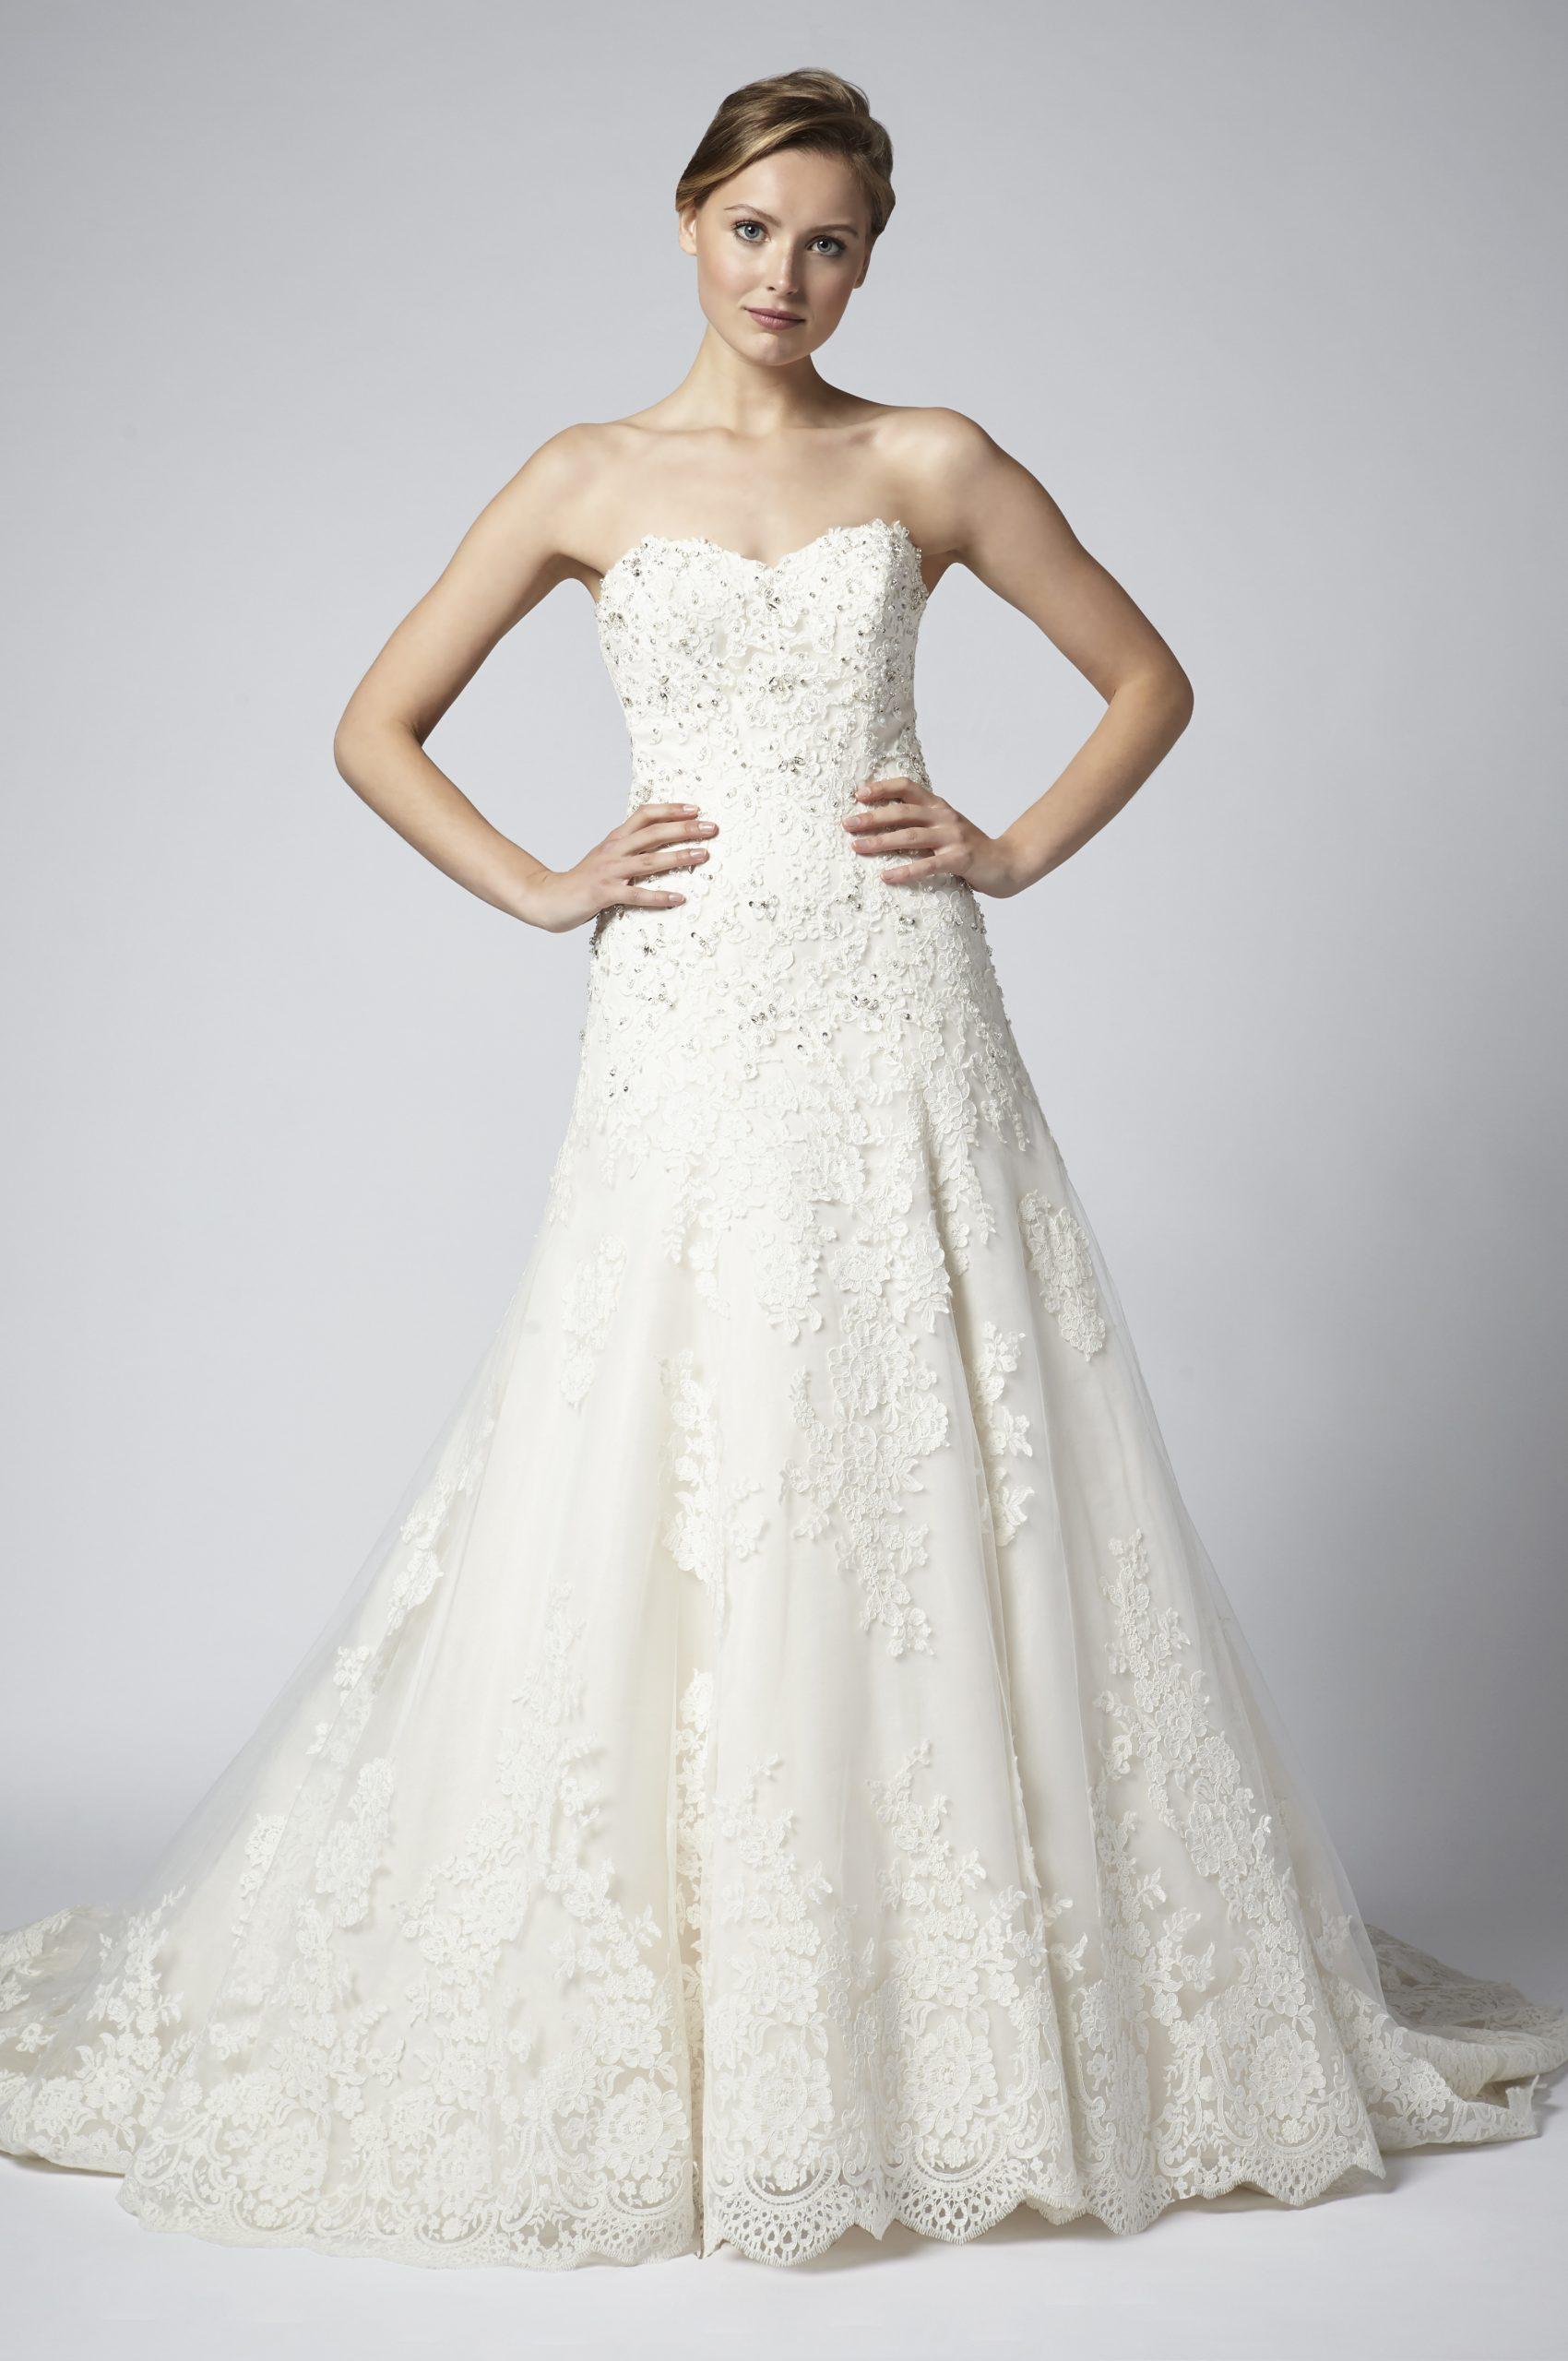 strapless wedding dresses off 20   medpharmres.com